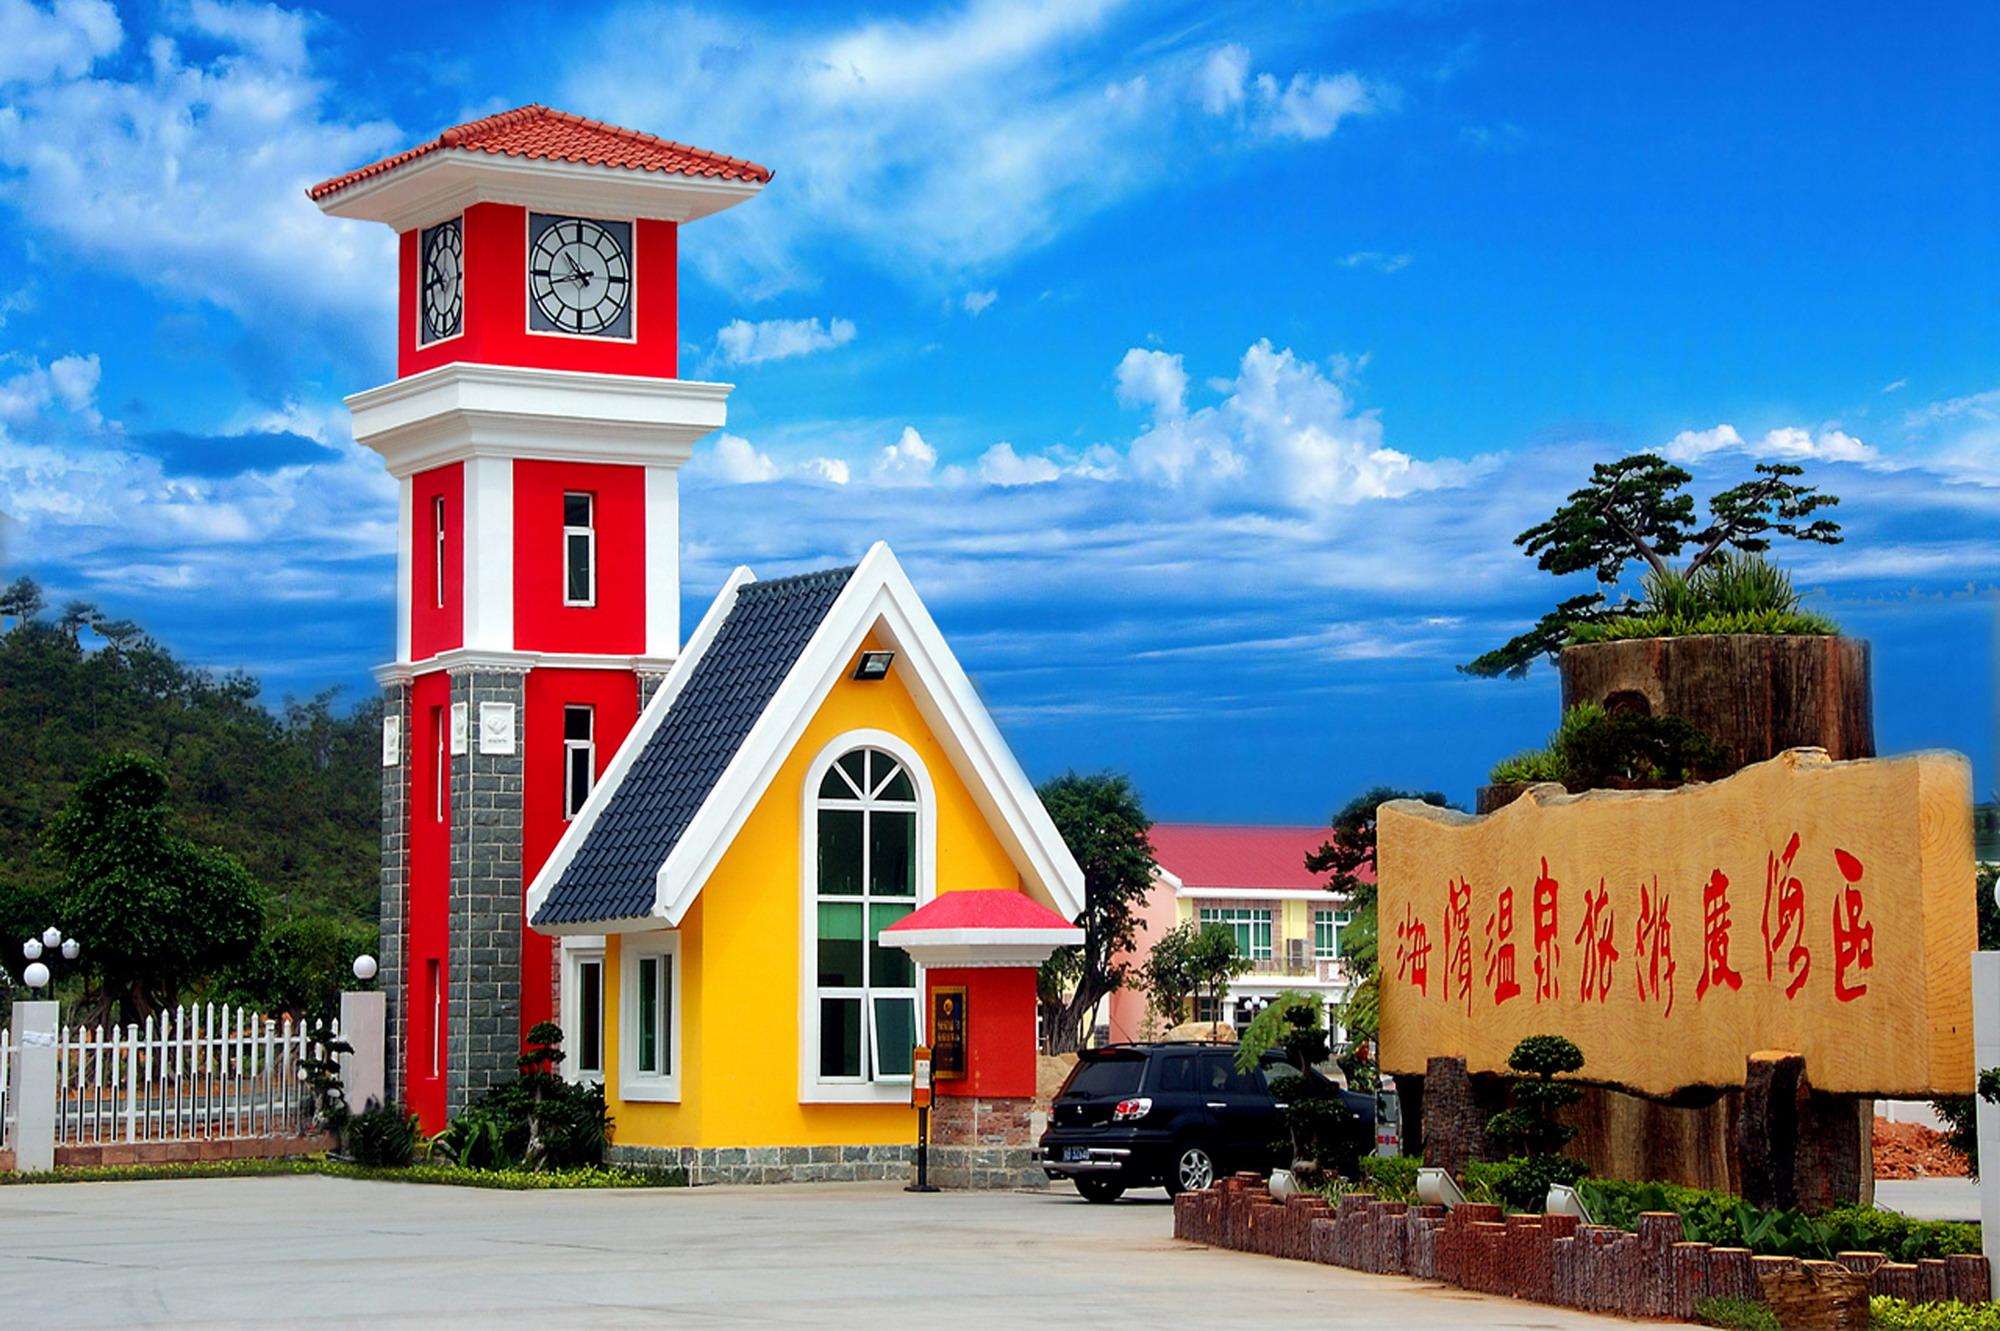 惠州海滨温泉旅游度假区巴士2日1晚跟团游[惠州温泉]入住海滨温泉、赠双早